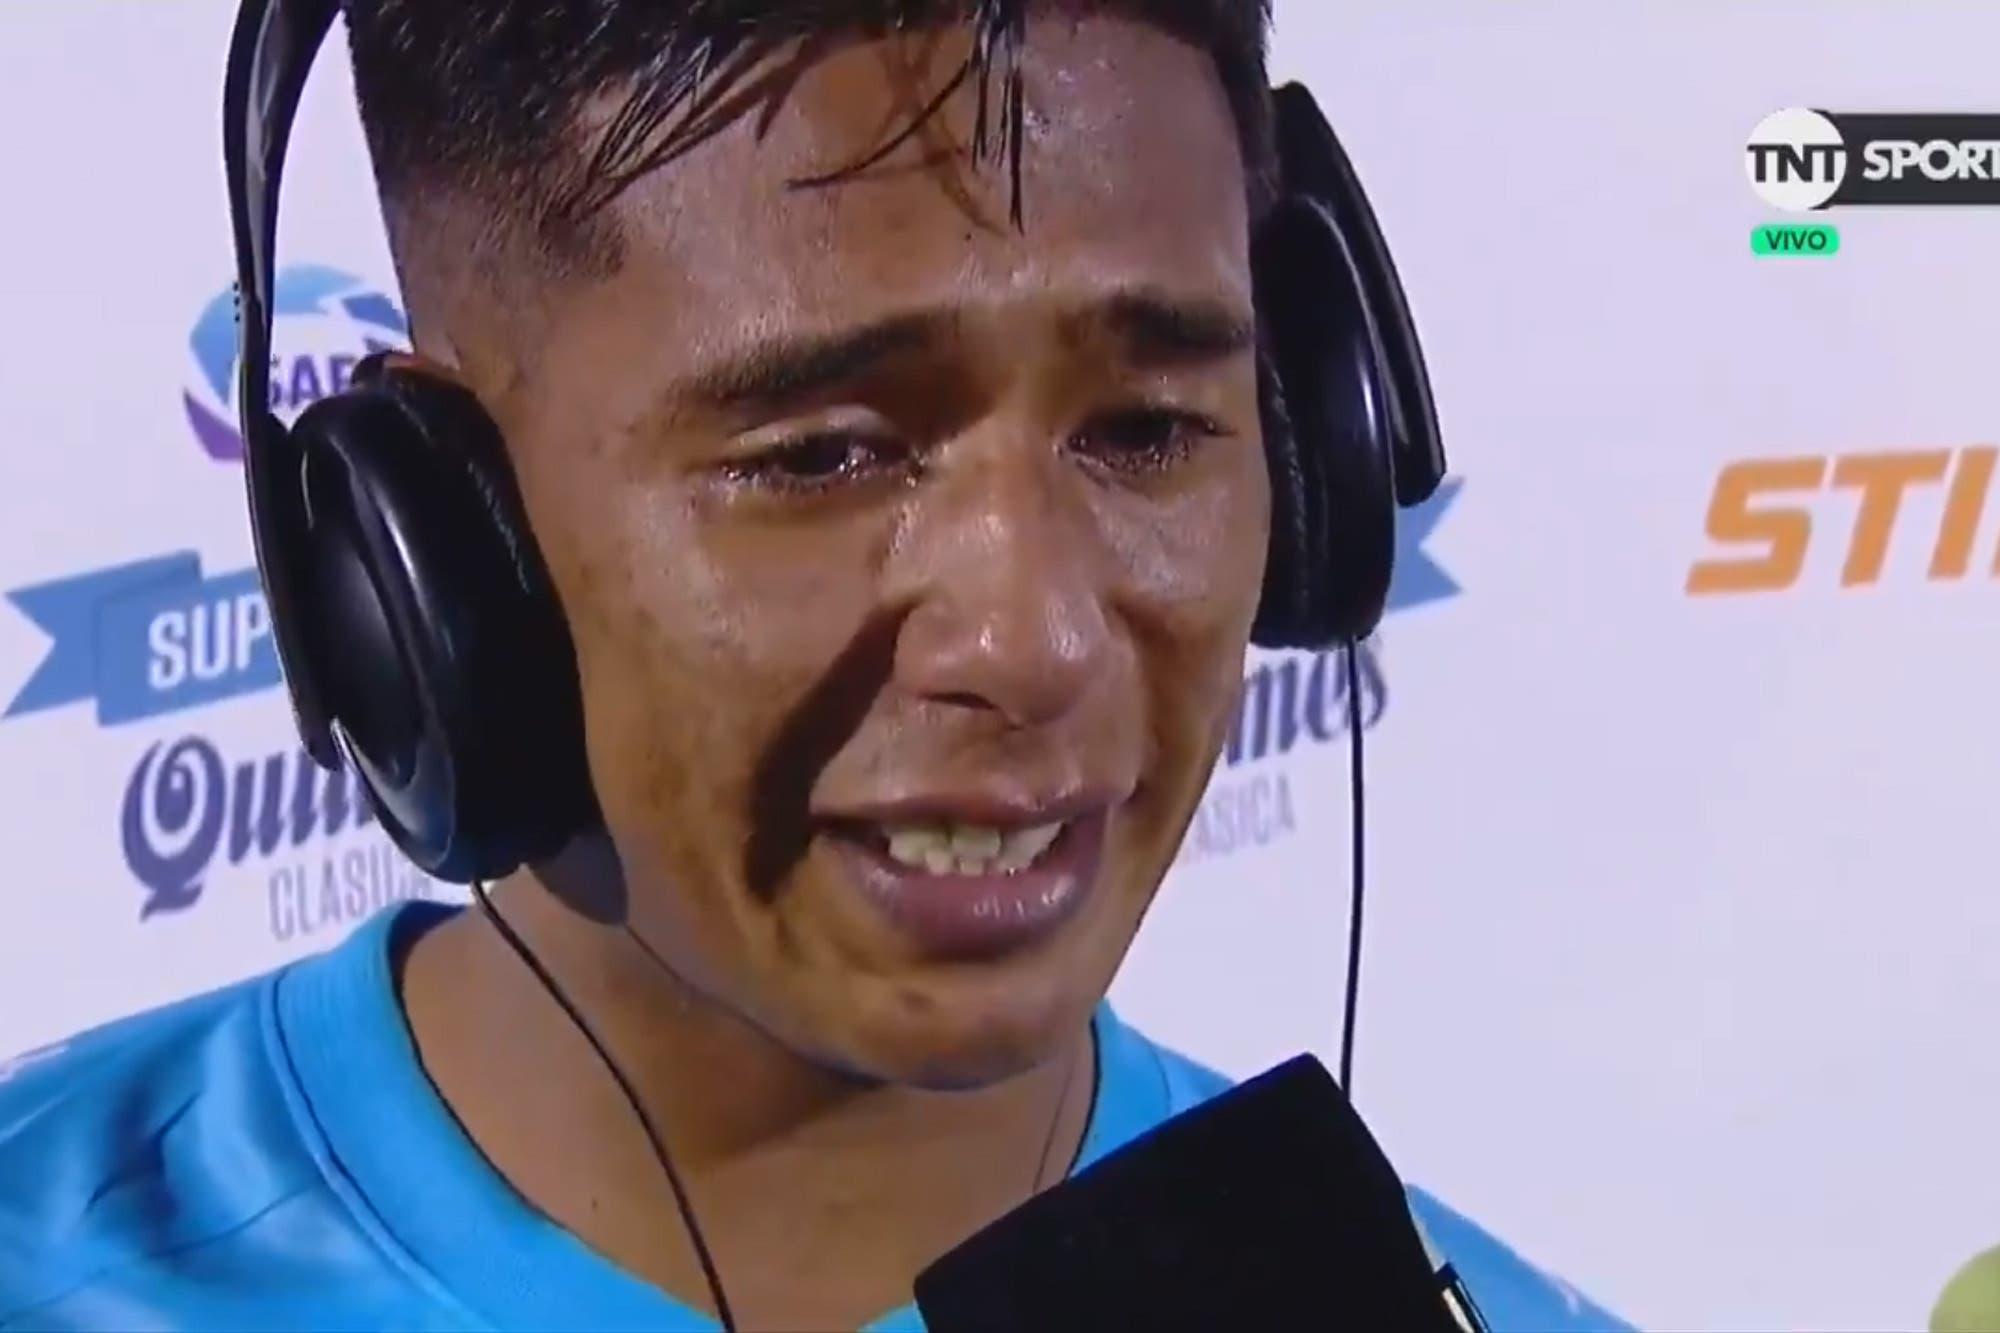 Racing campeón. El emotivo desahogo de Matías Zaracho, en una semana que nunca olvidará